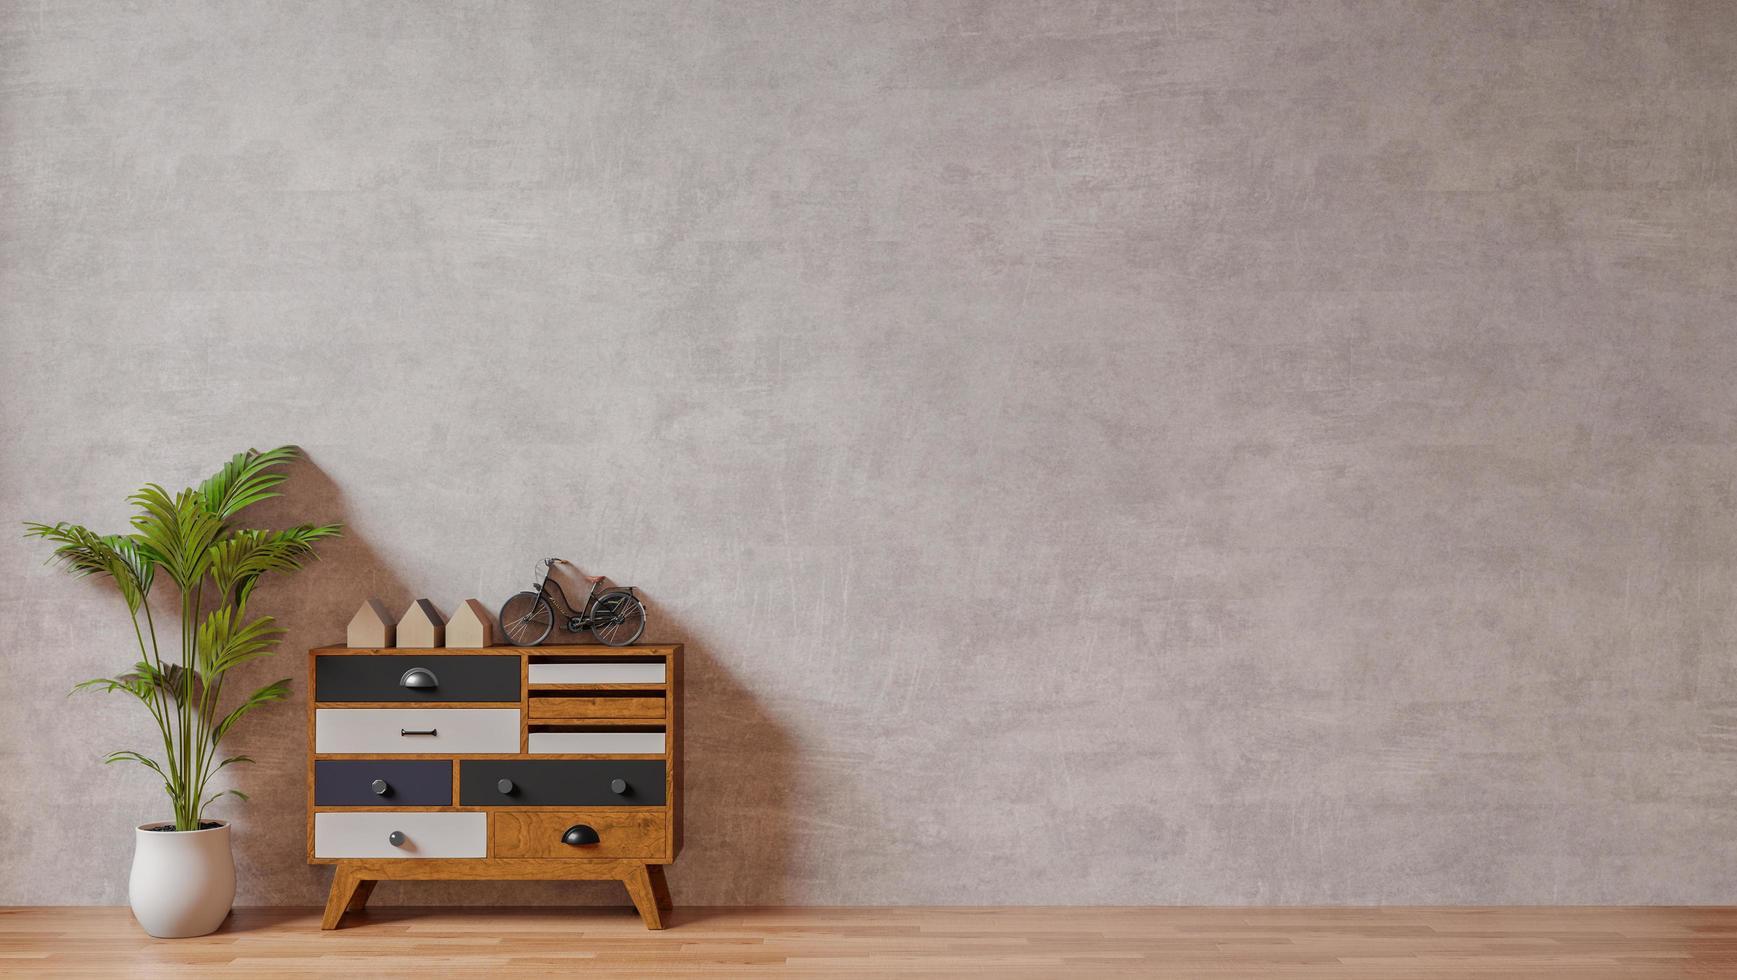 interior con muro de hormigón en bruto y decoración moderna foto